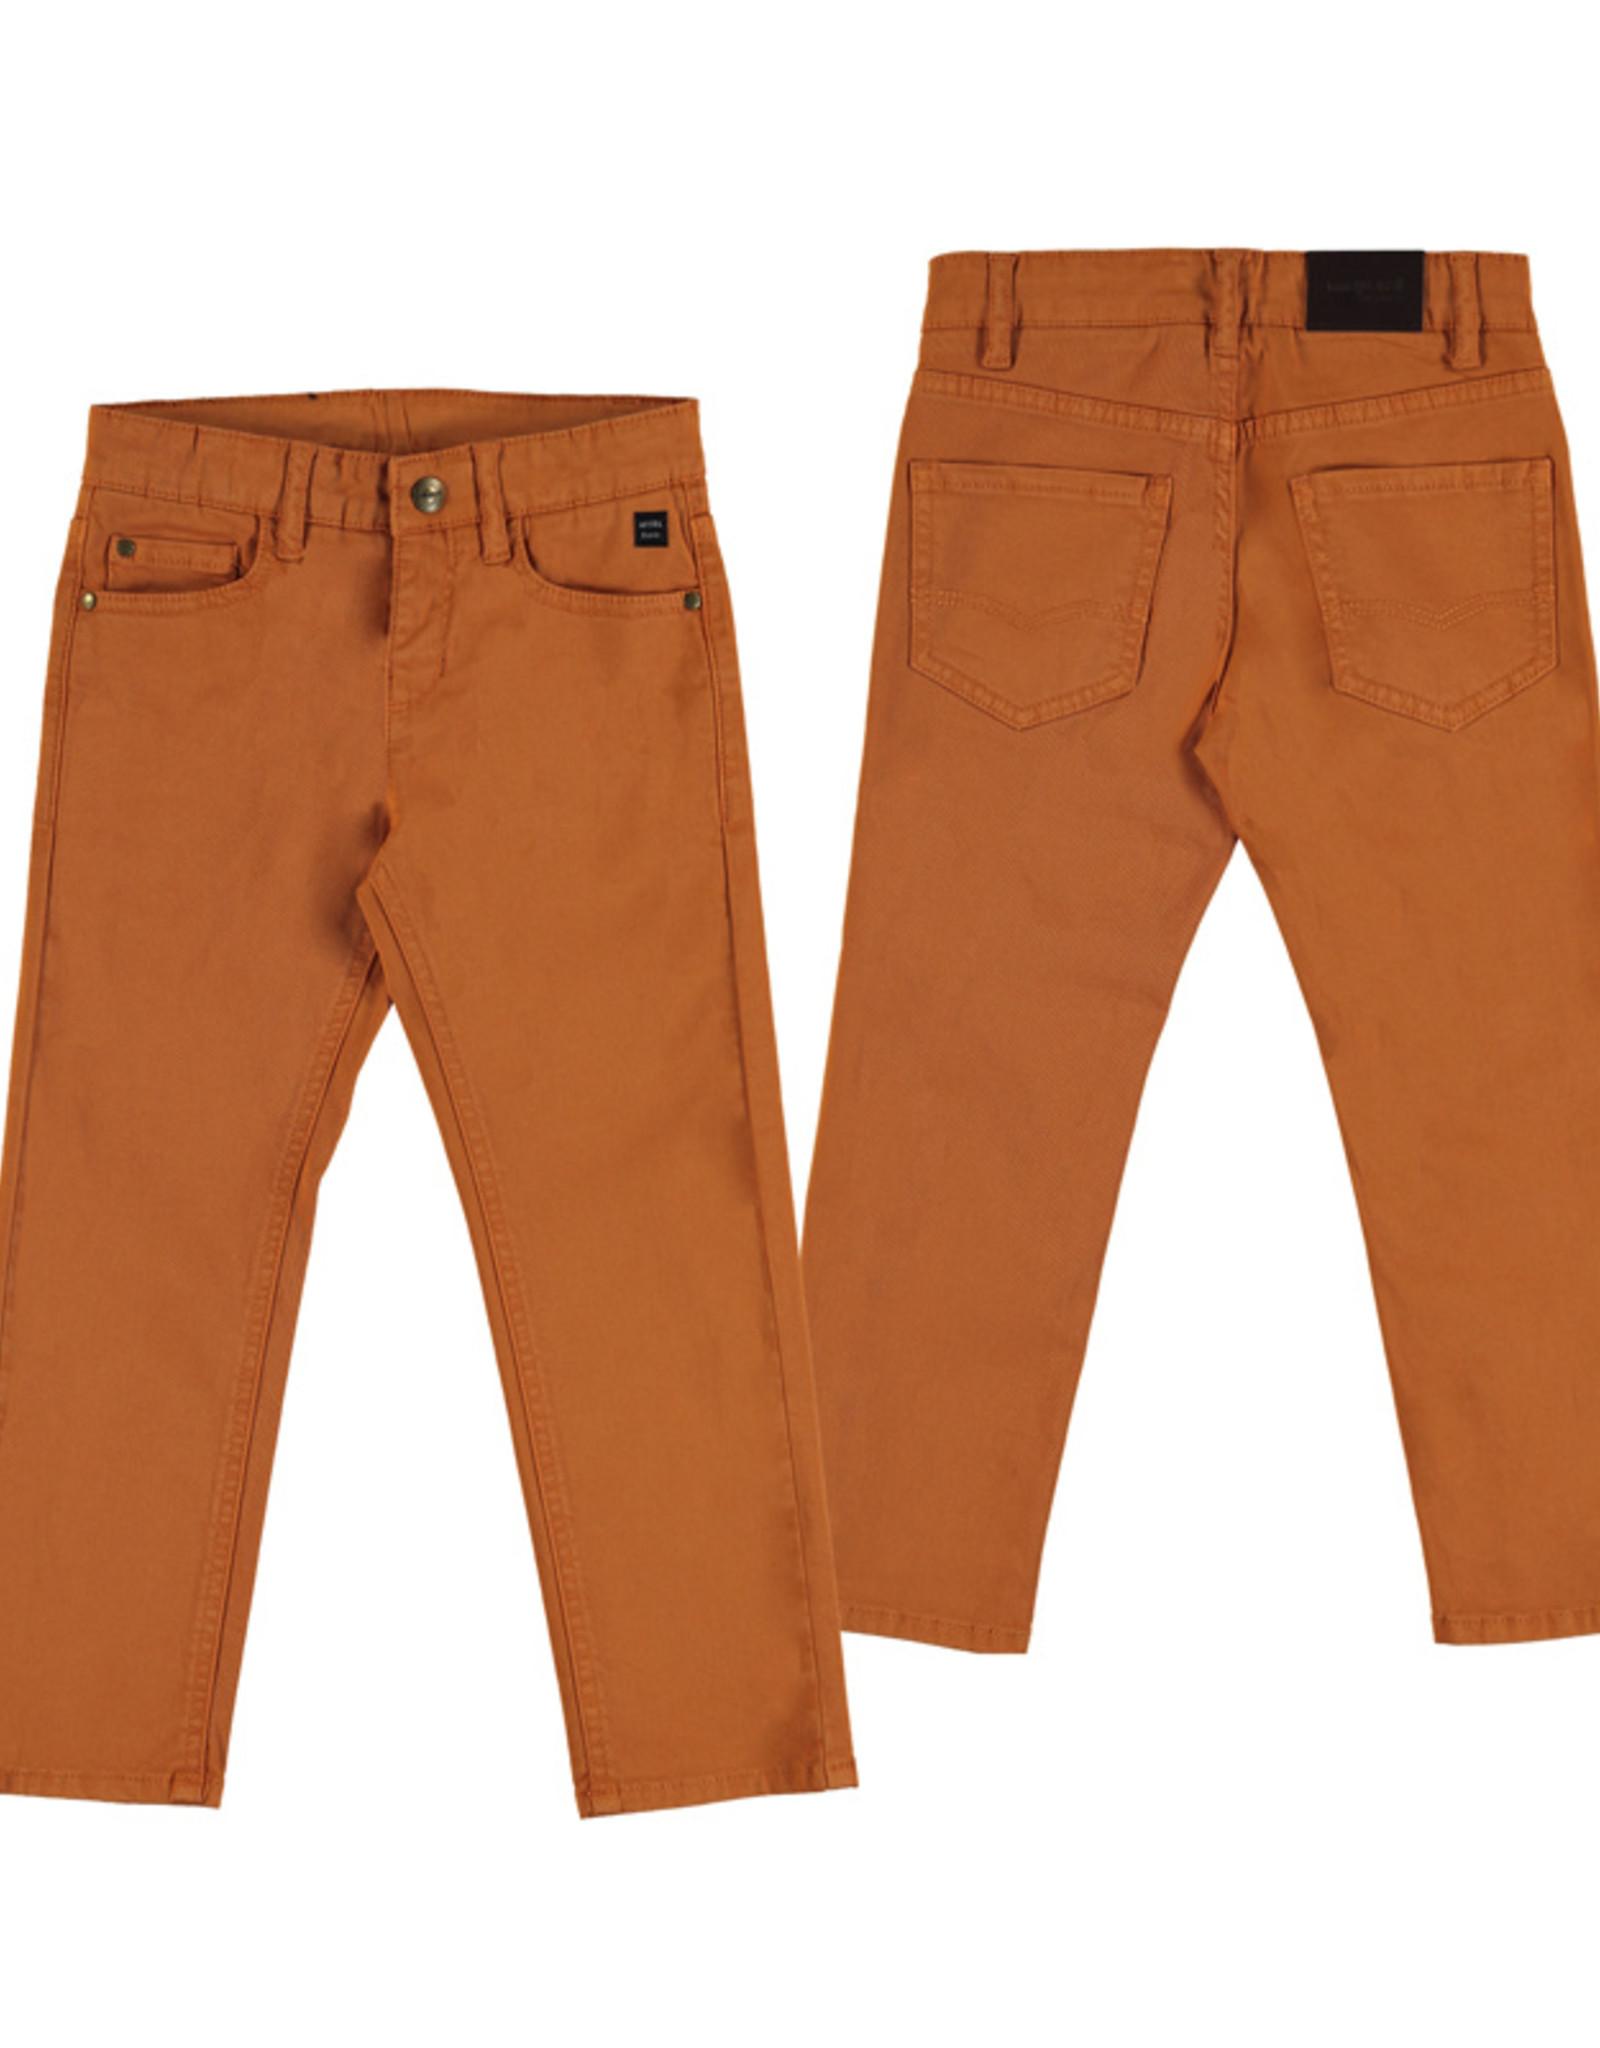 Mayoral Boys Cheddar Twill 5 Pocket Pant